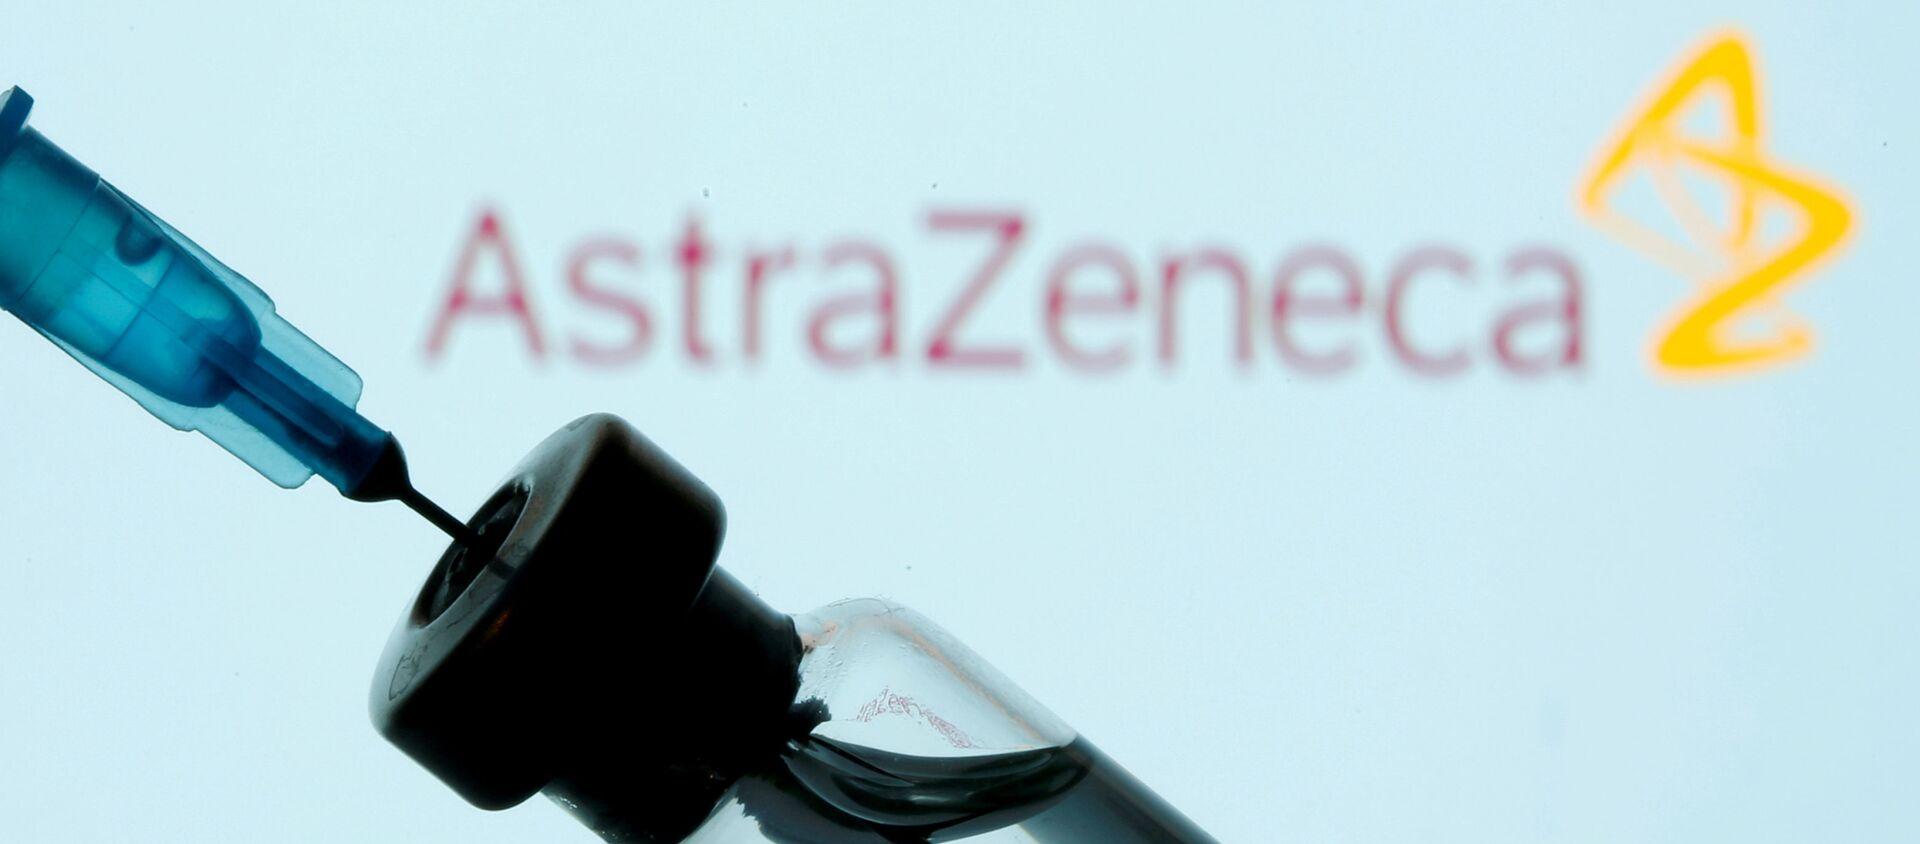 Injekční lahvička a stříkačka před zobrazeným logem AstraZeneca - Sputnik Česká republika, 1920, 02.02.2021